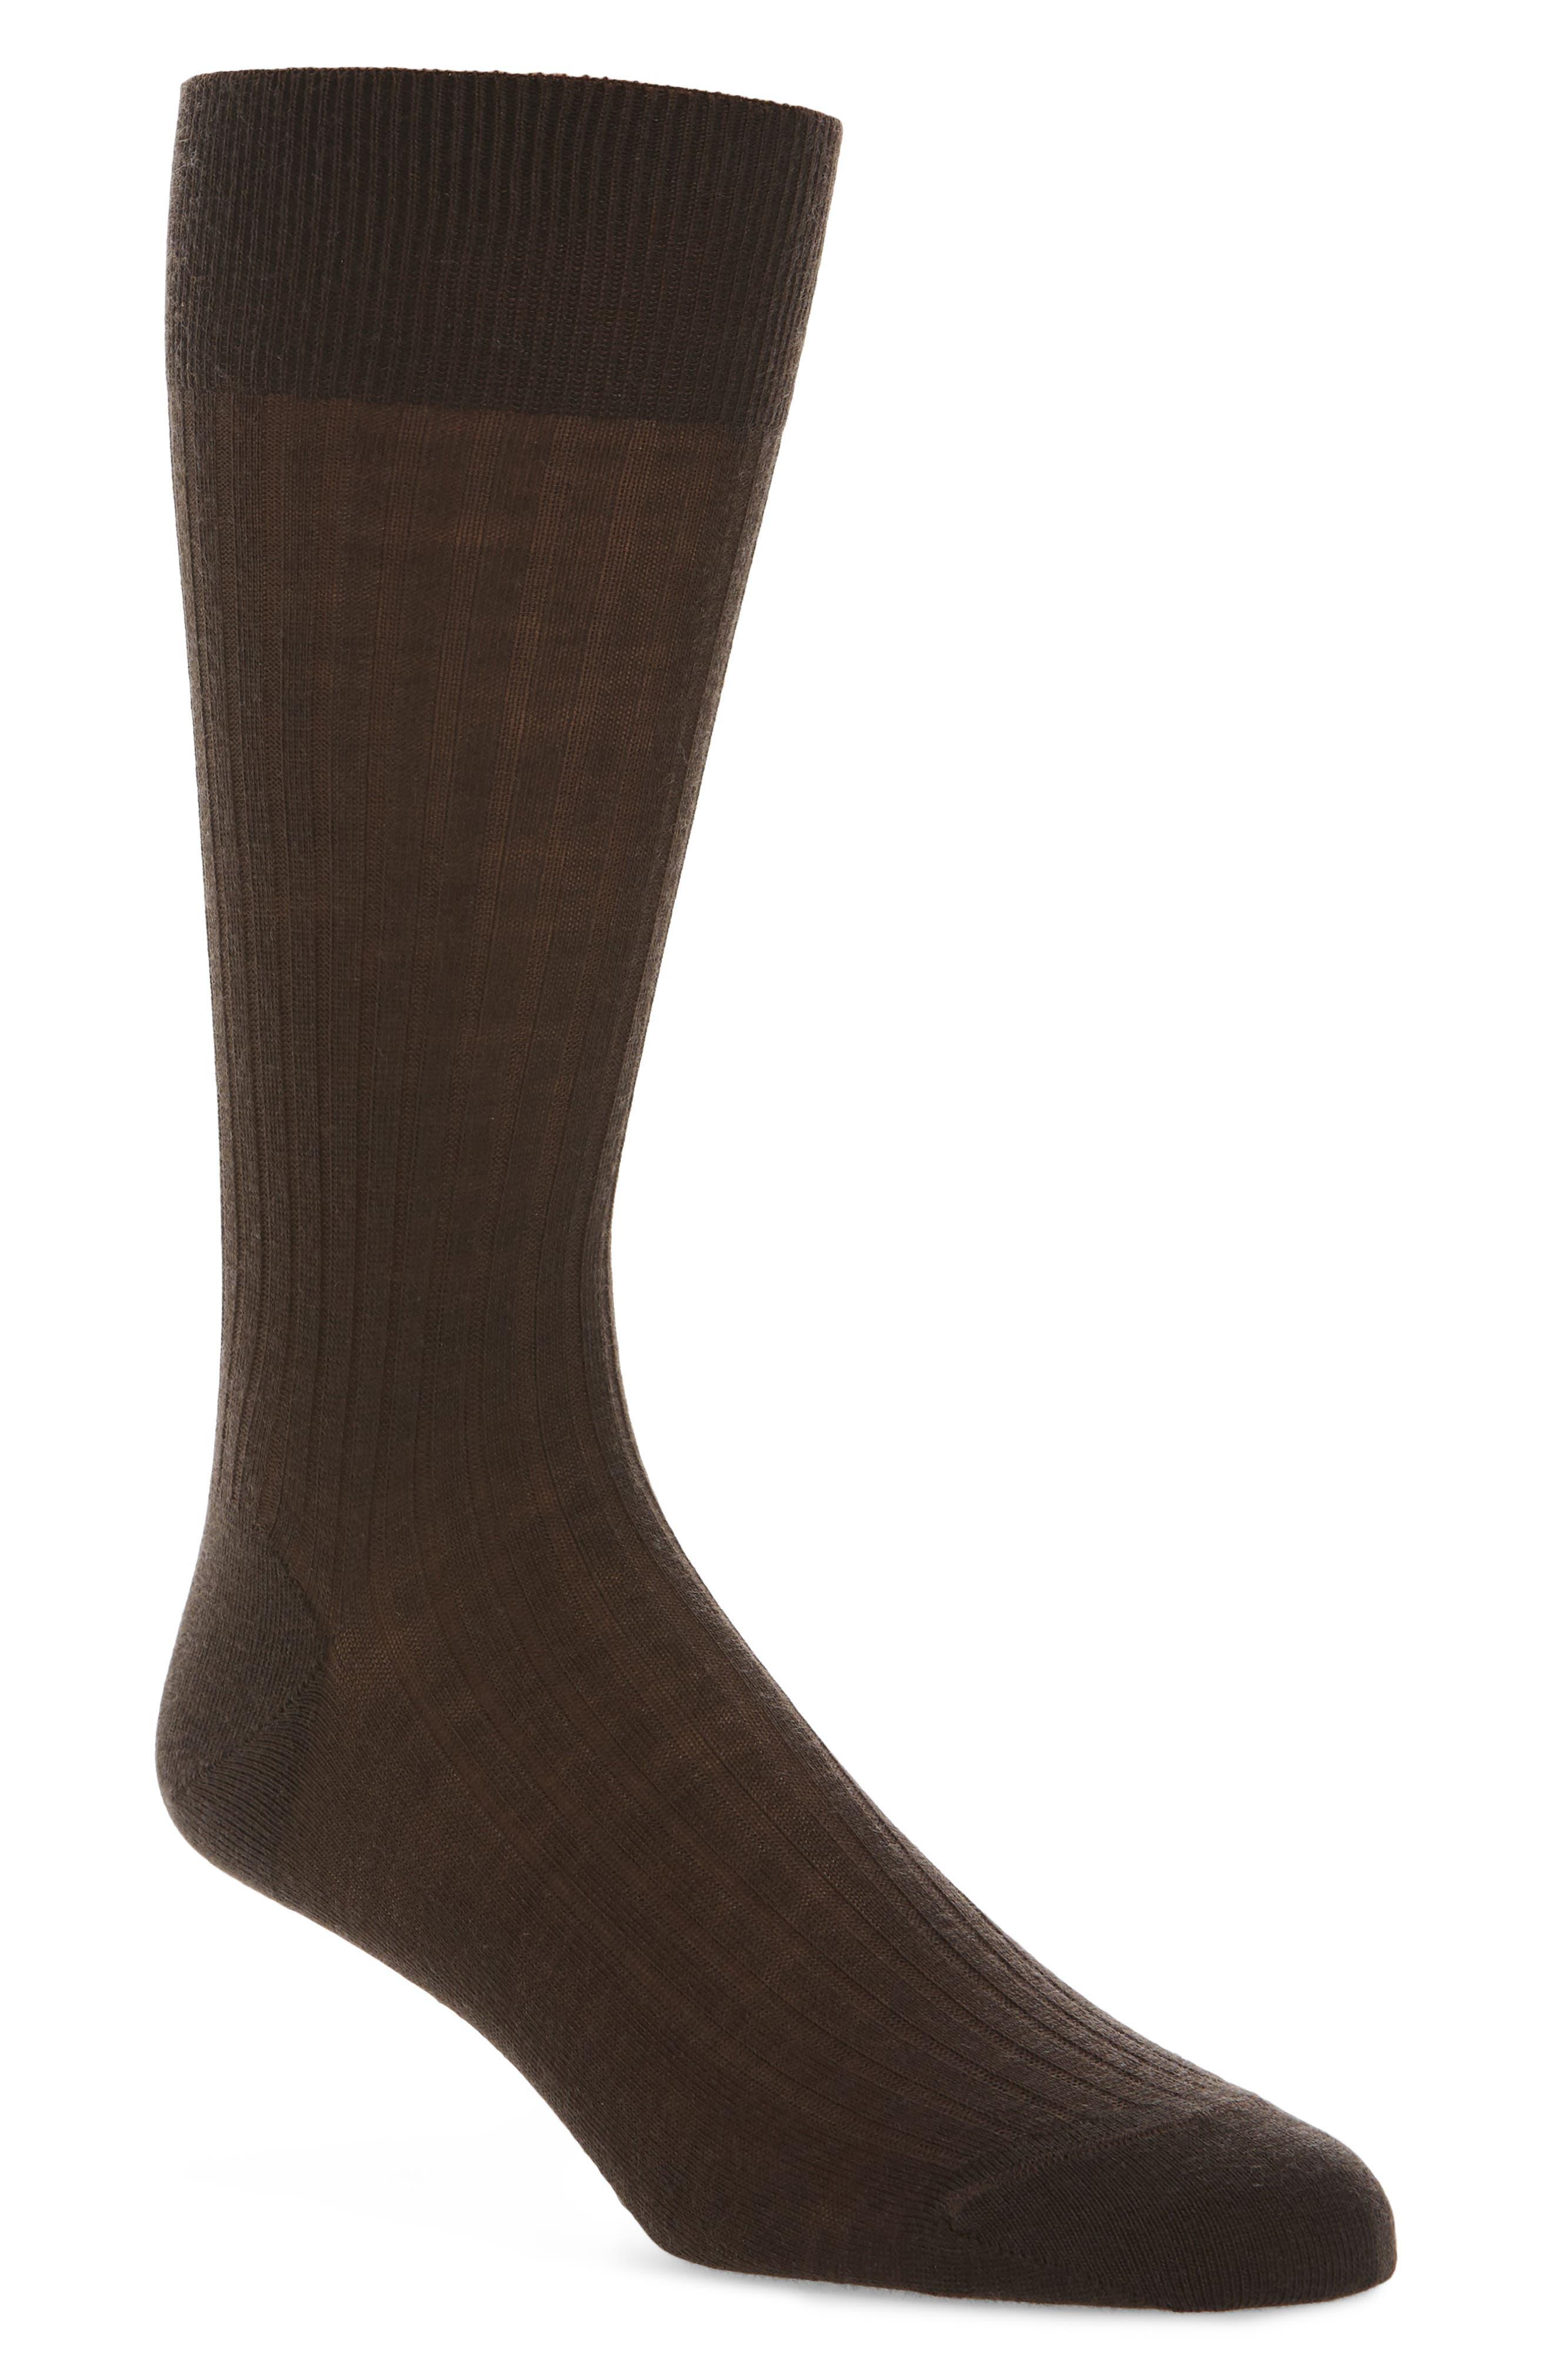 Ribbed Merino Wool Socks,                         Main,                         color, Brown Demitasse